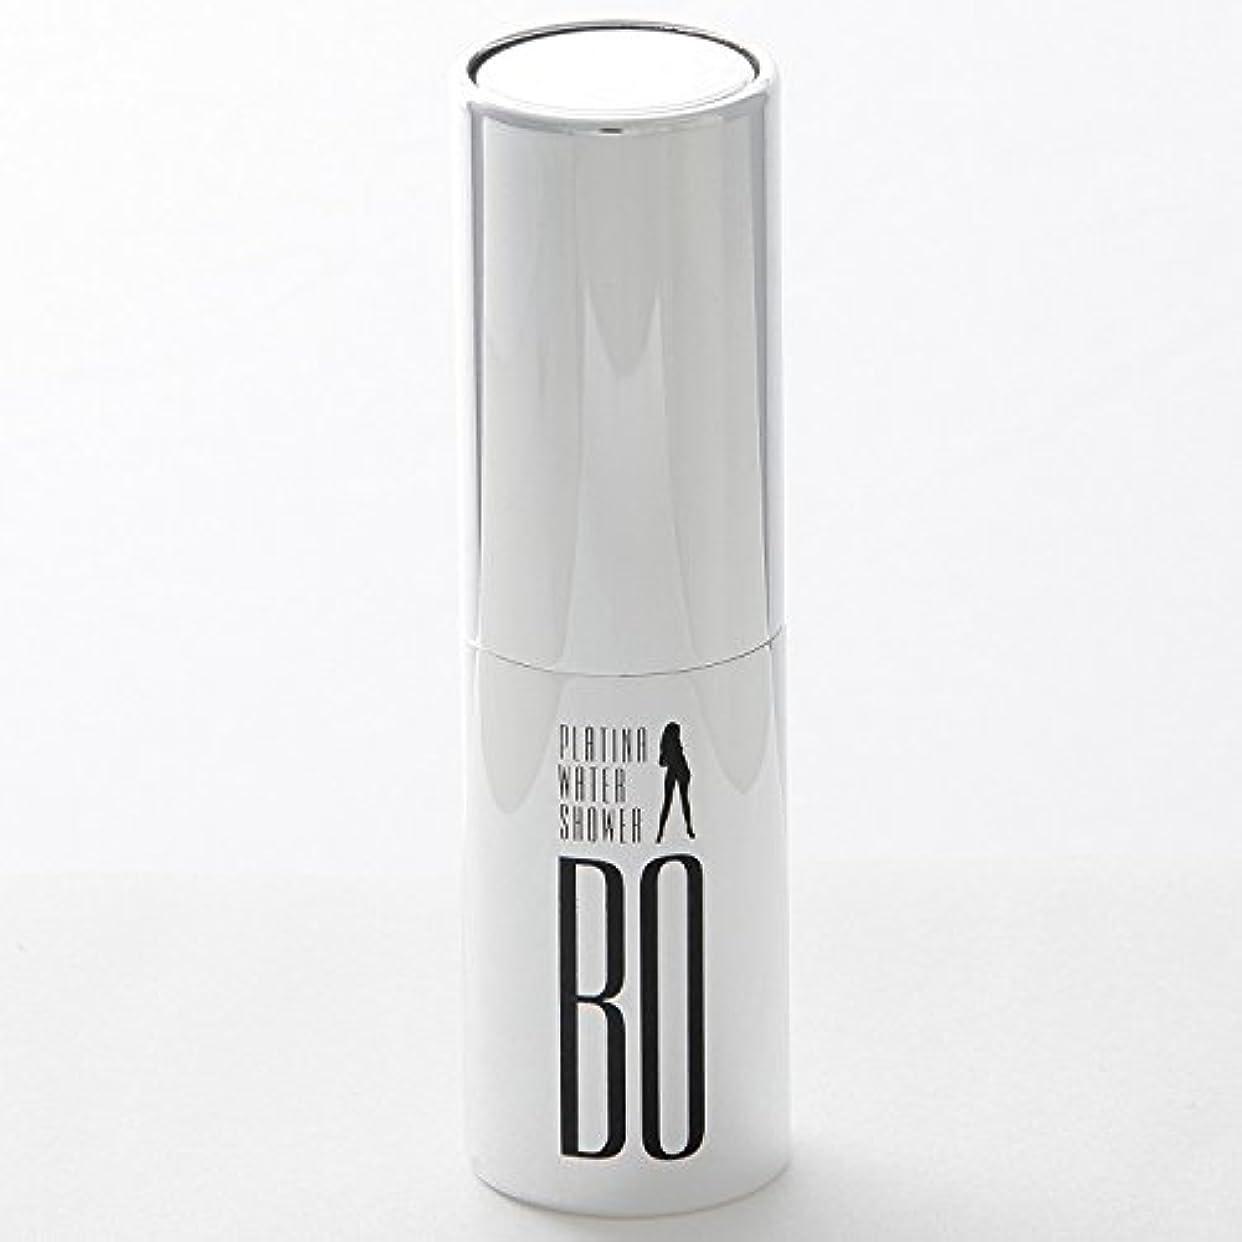 遮る第四赤字BO PLATINA WATER SHOWER 20ml ナノプラチナ 消臭 除菌99.9% ニオイ戻りゼロ ヘアートリートメント